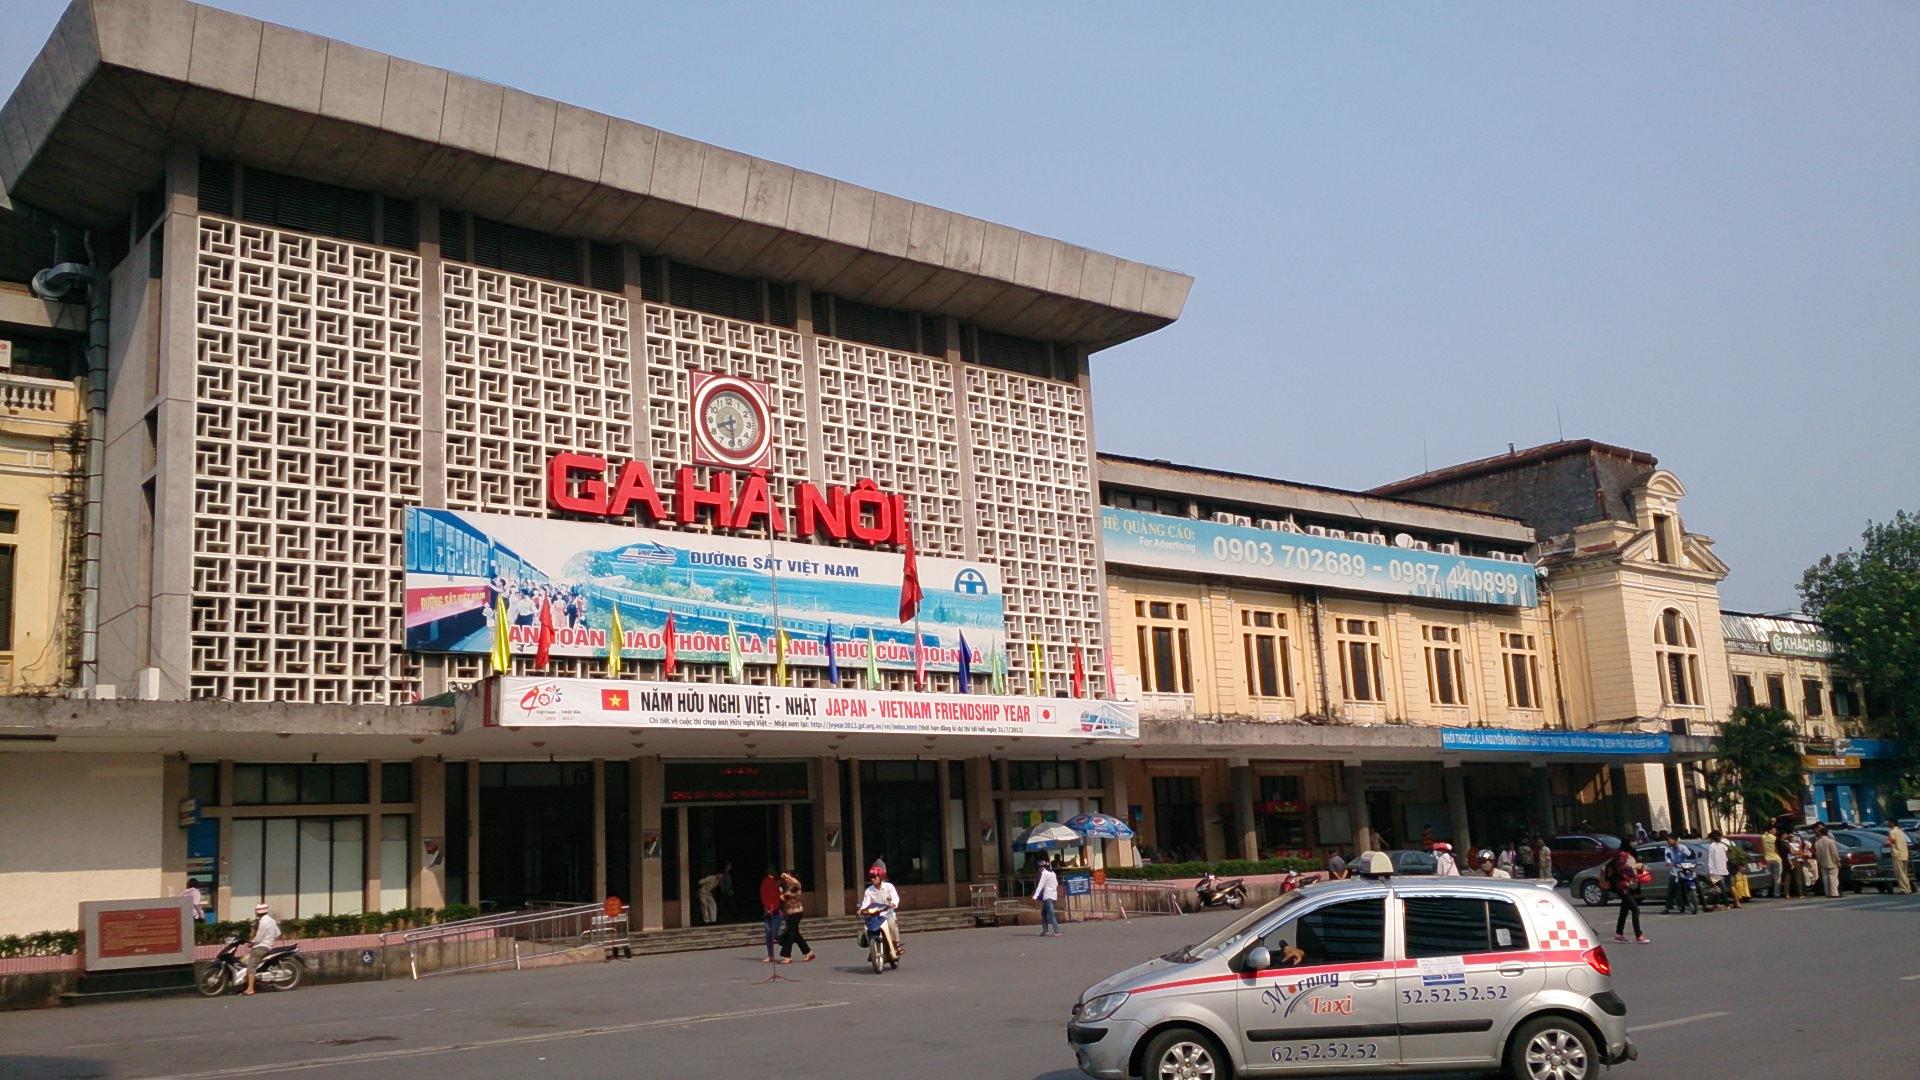 ルネッサンス+ソビエト風建築のハノイ鉄道駅